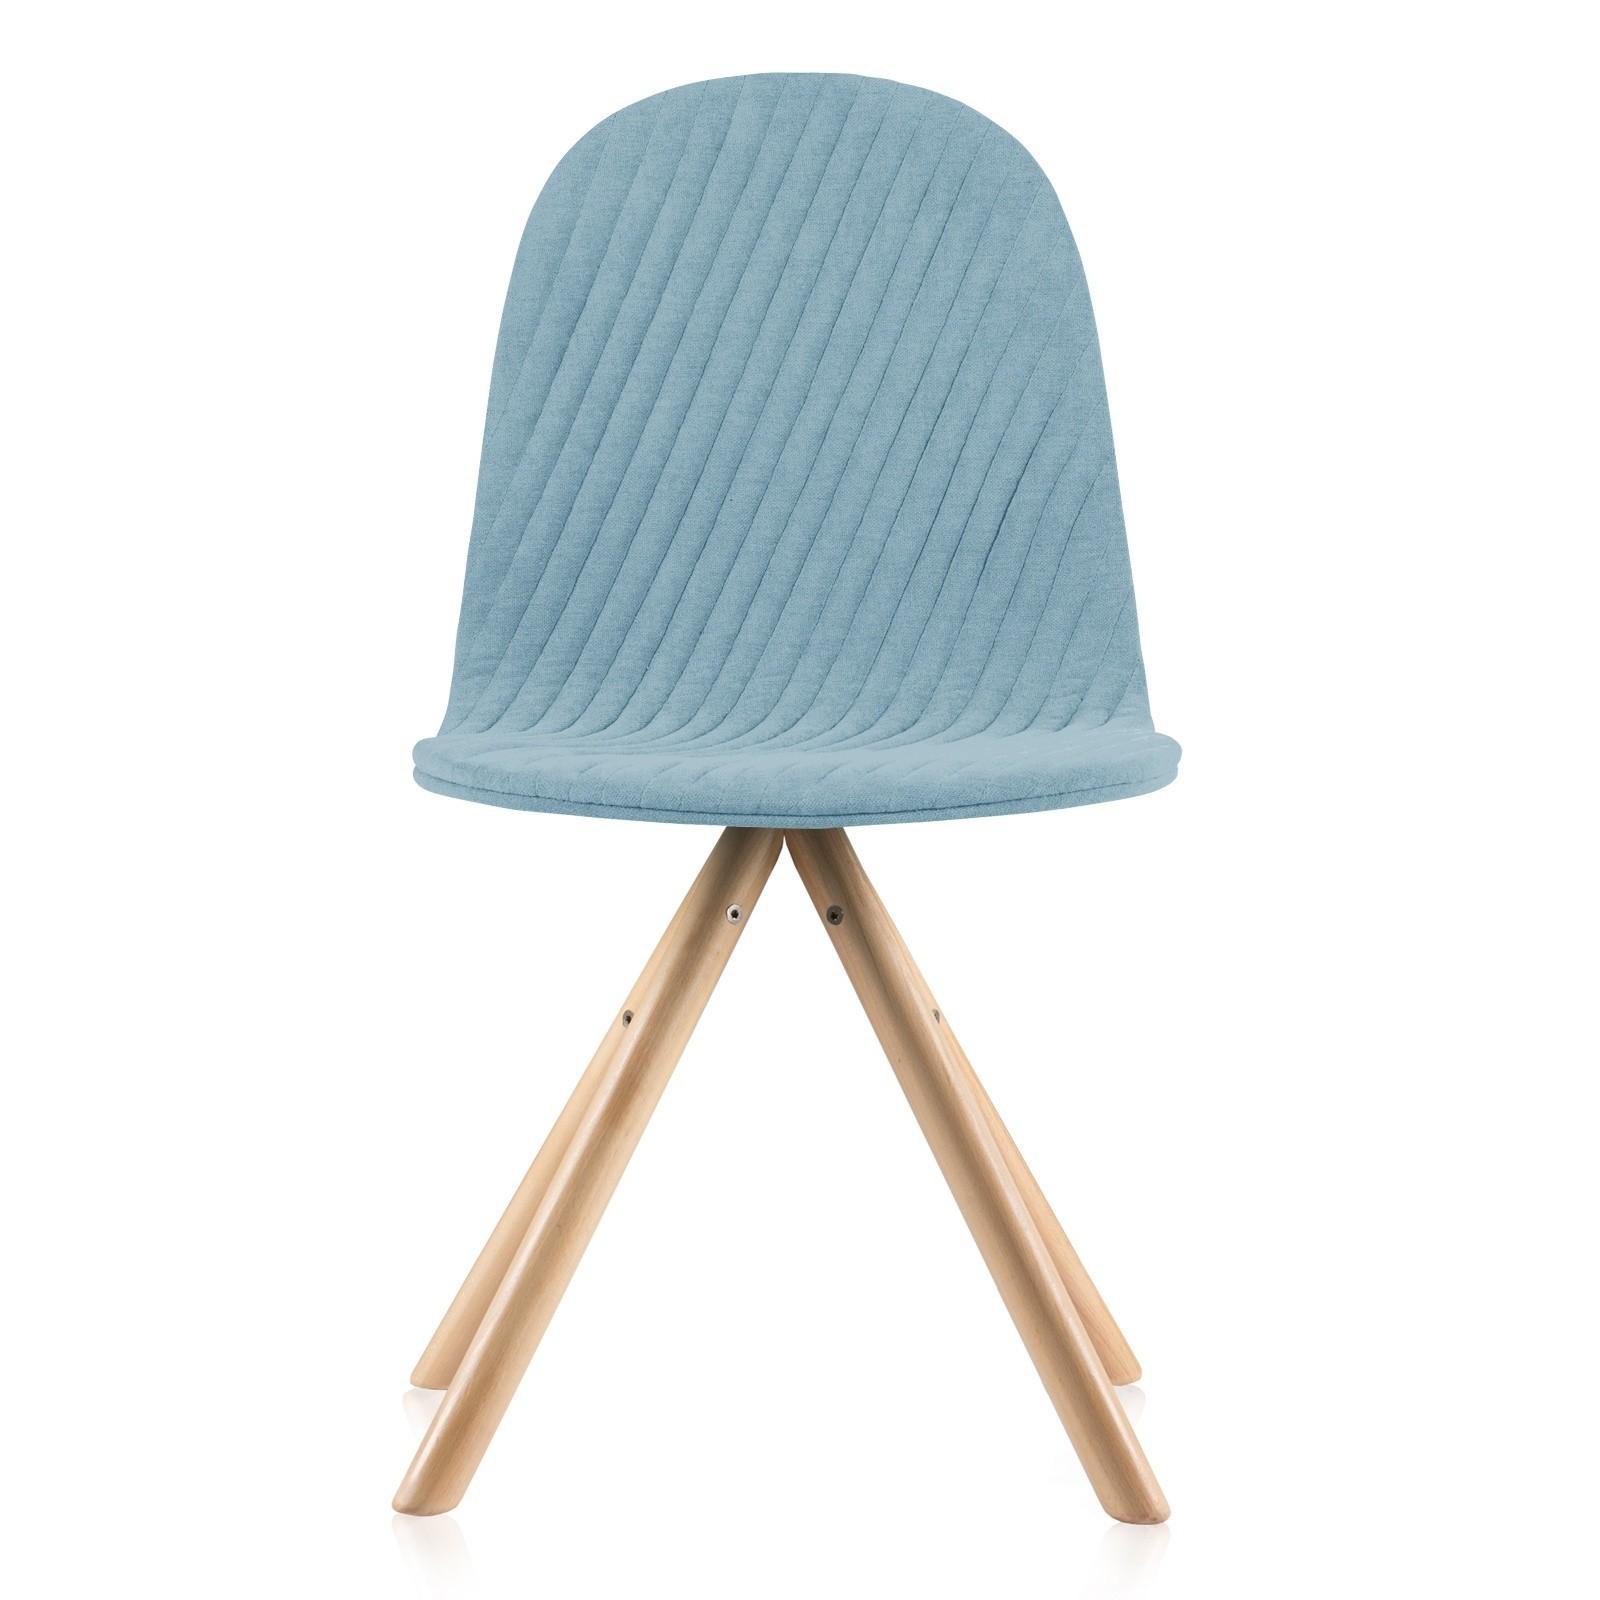 Mannequin chair - 01 - light blue